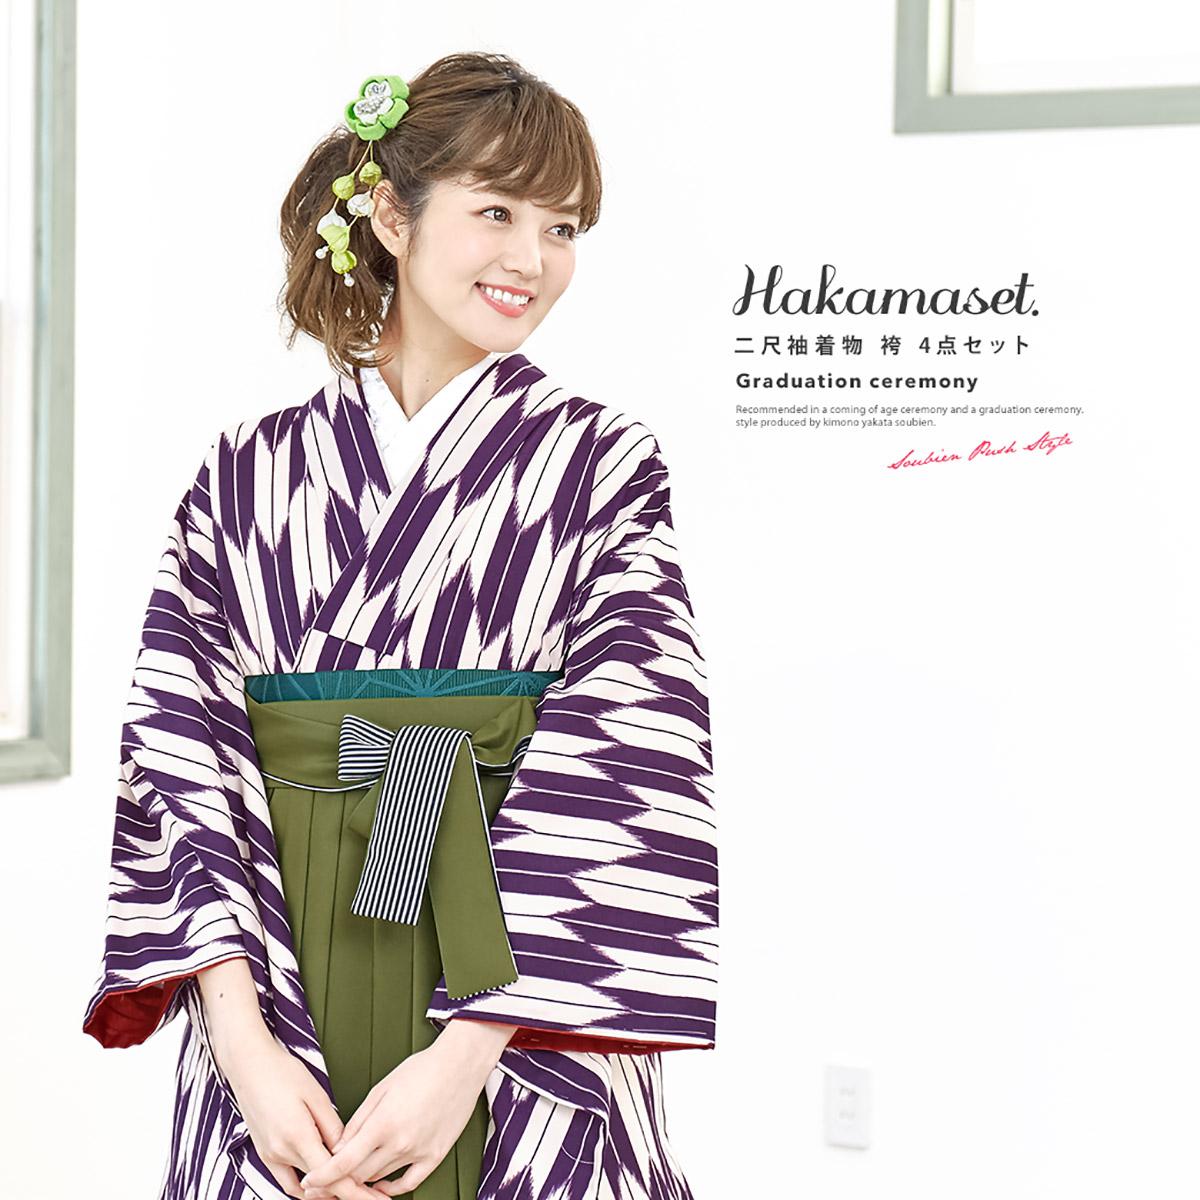 袴セット 卒業式 紫系 パープル オリーブグリーン 矢羽根縞 ストライプ レトロモダン 着物セット 仕立て上がり 女性 購入【送料無料】【あす楽対応】